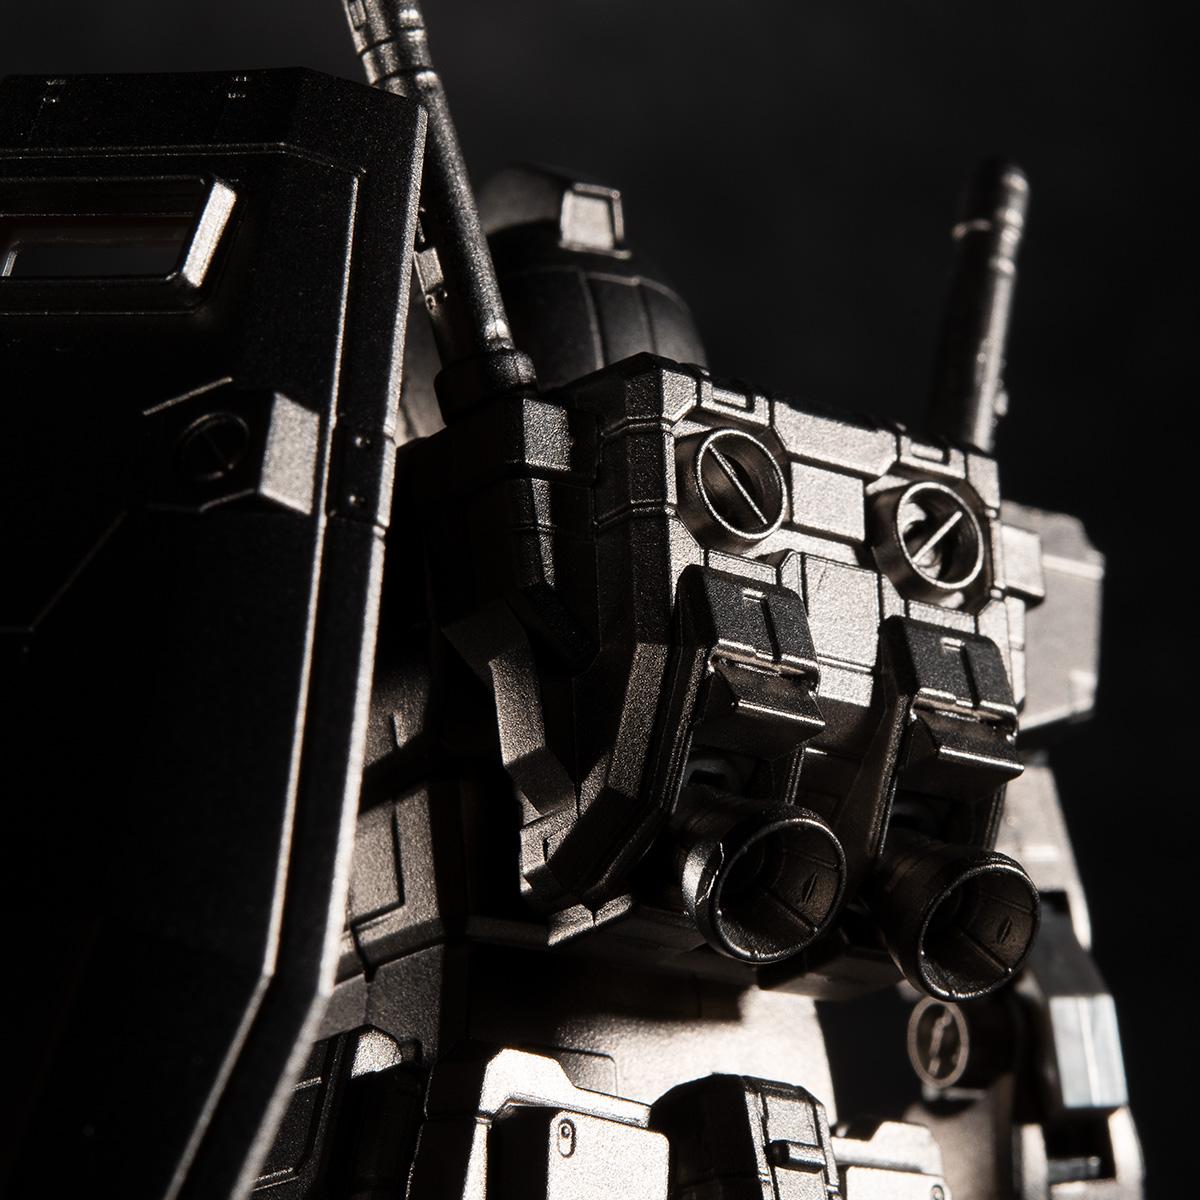 金屬部件採用 MIM 金屬射出成型法製作,可以製作出精密的細節。